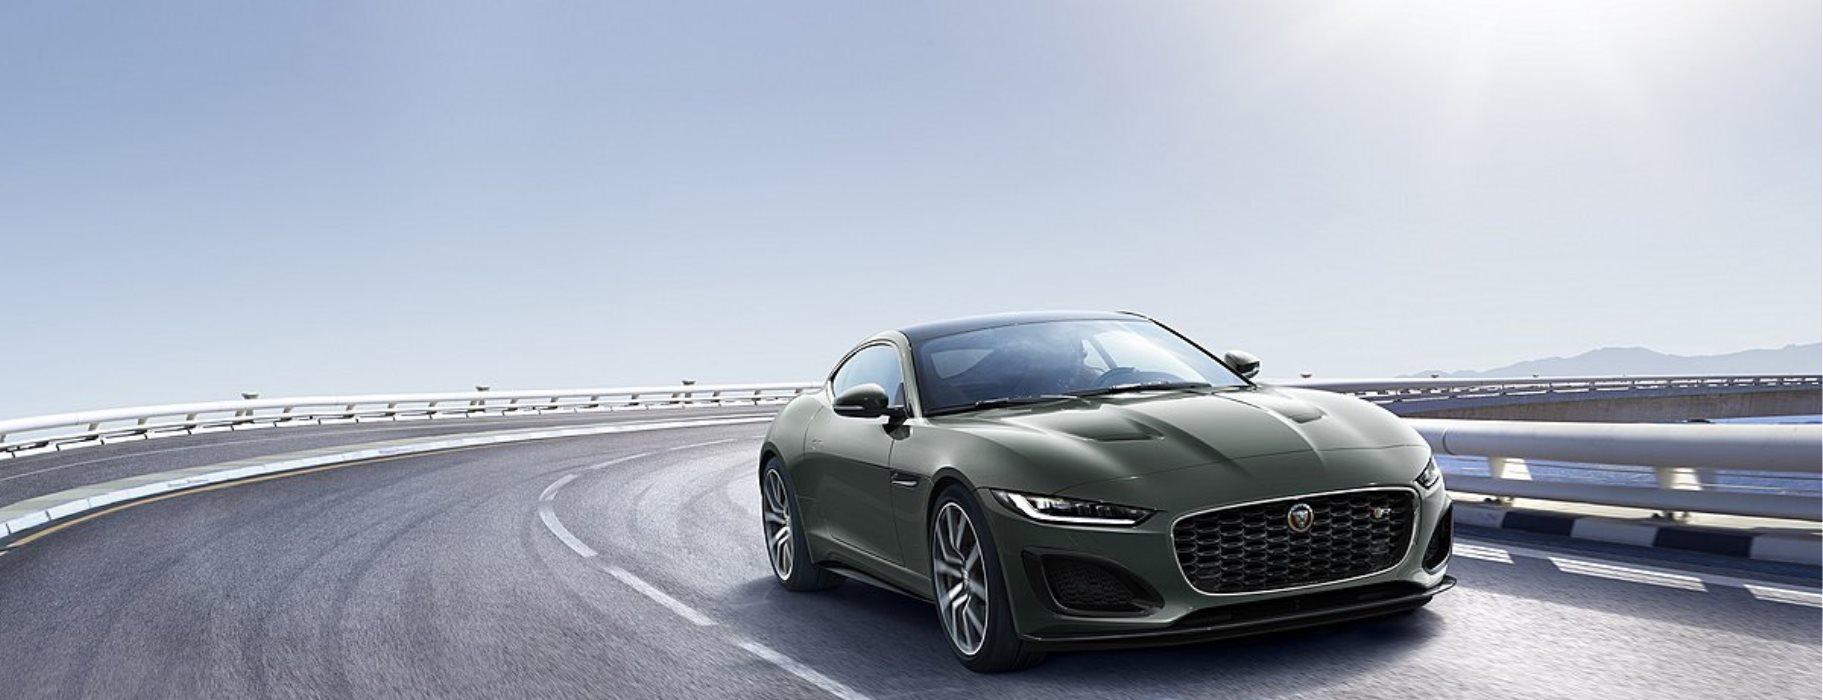 Επετειακή έκδοση Jaguar F-Type Heritage 60 Edition